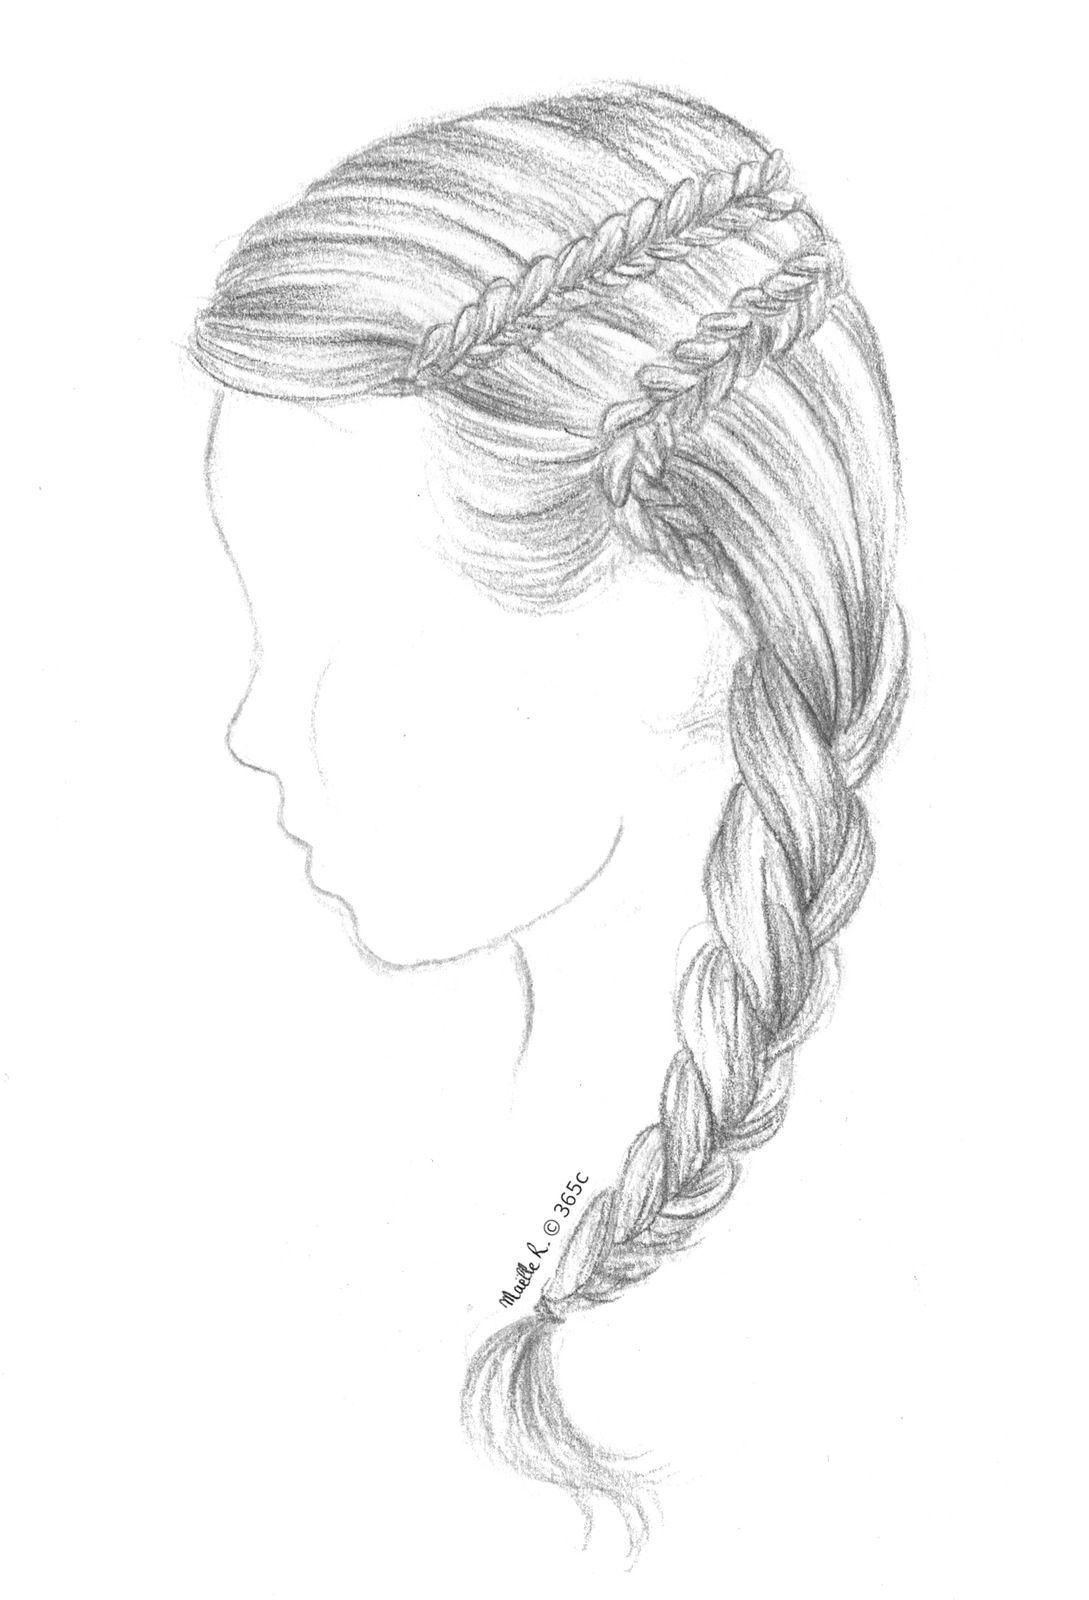 Mode Des Enfants Dessin De Cheveux Comment Dessiner Des Cheveux Dessin Coiffure